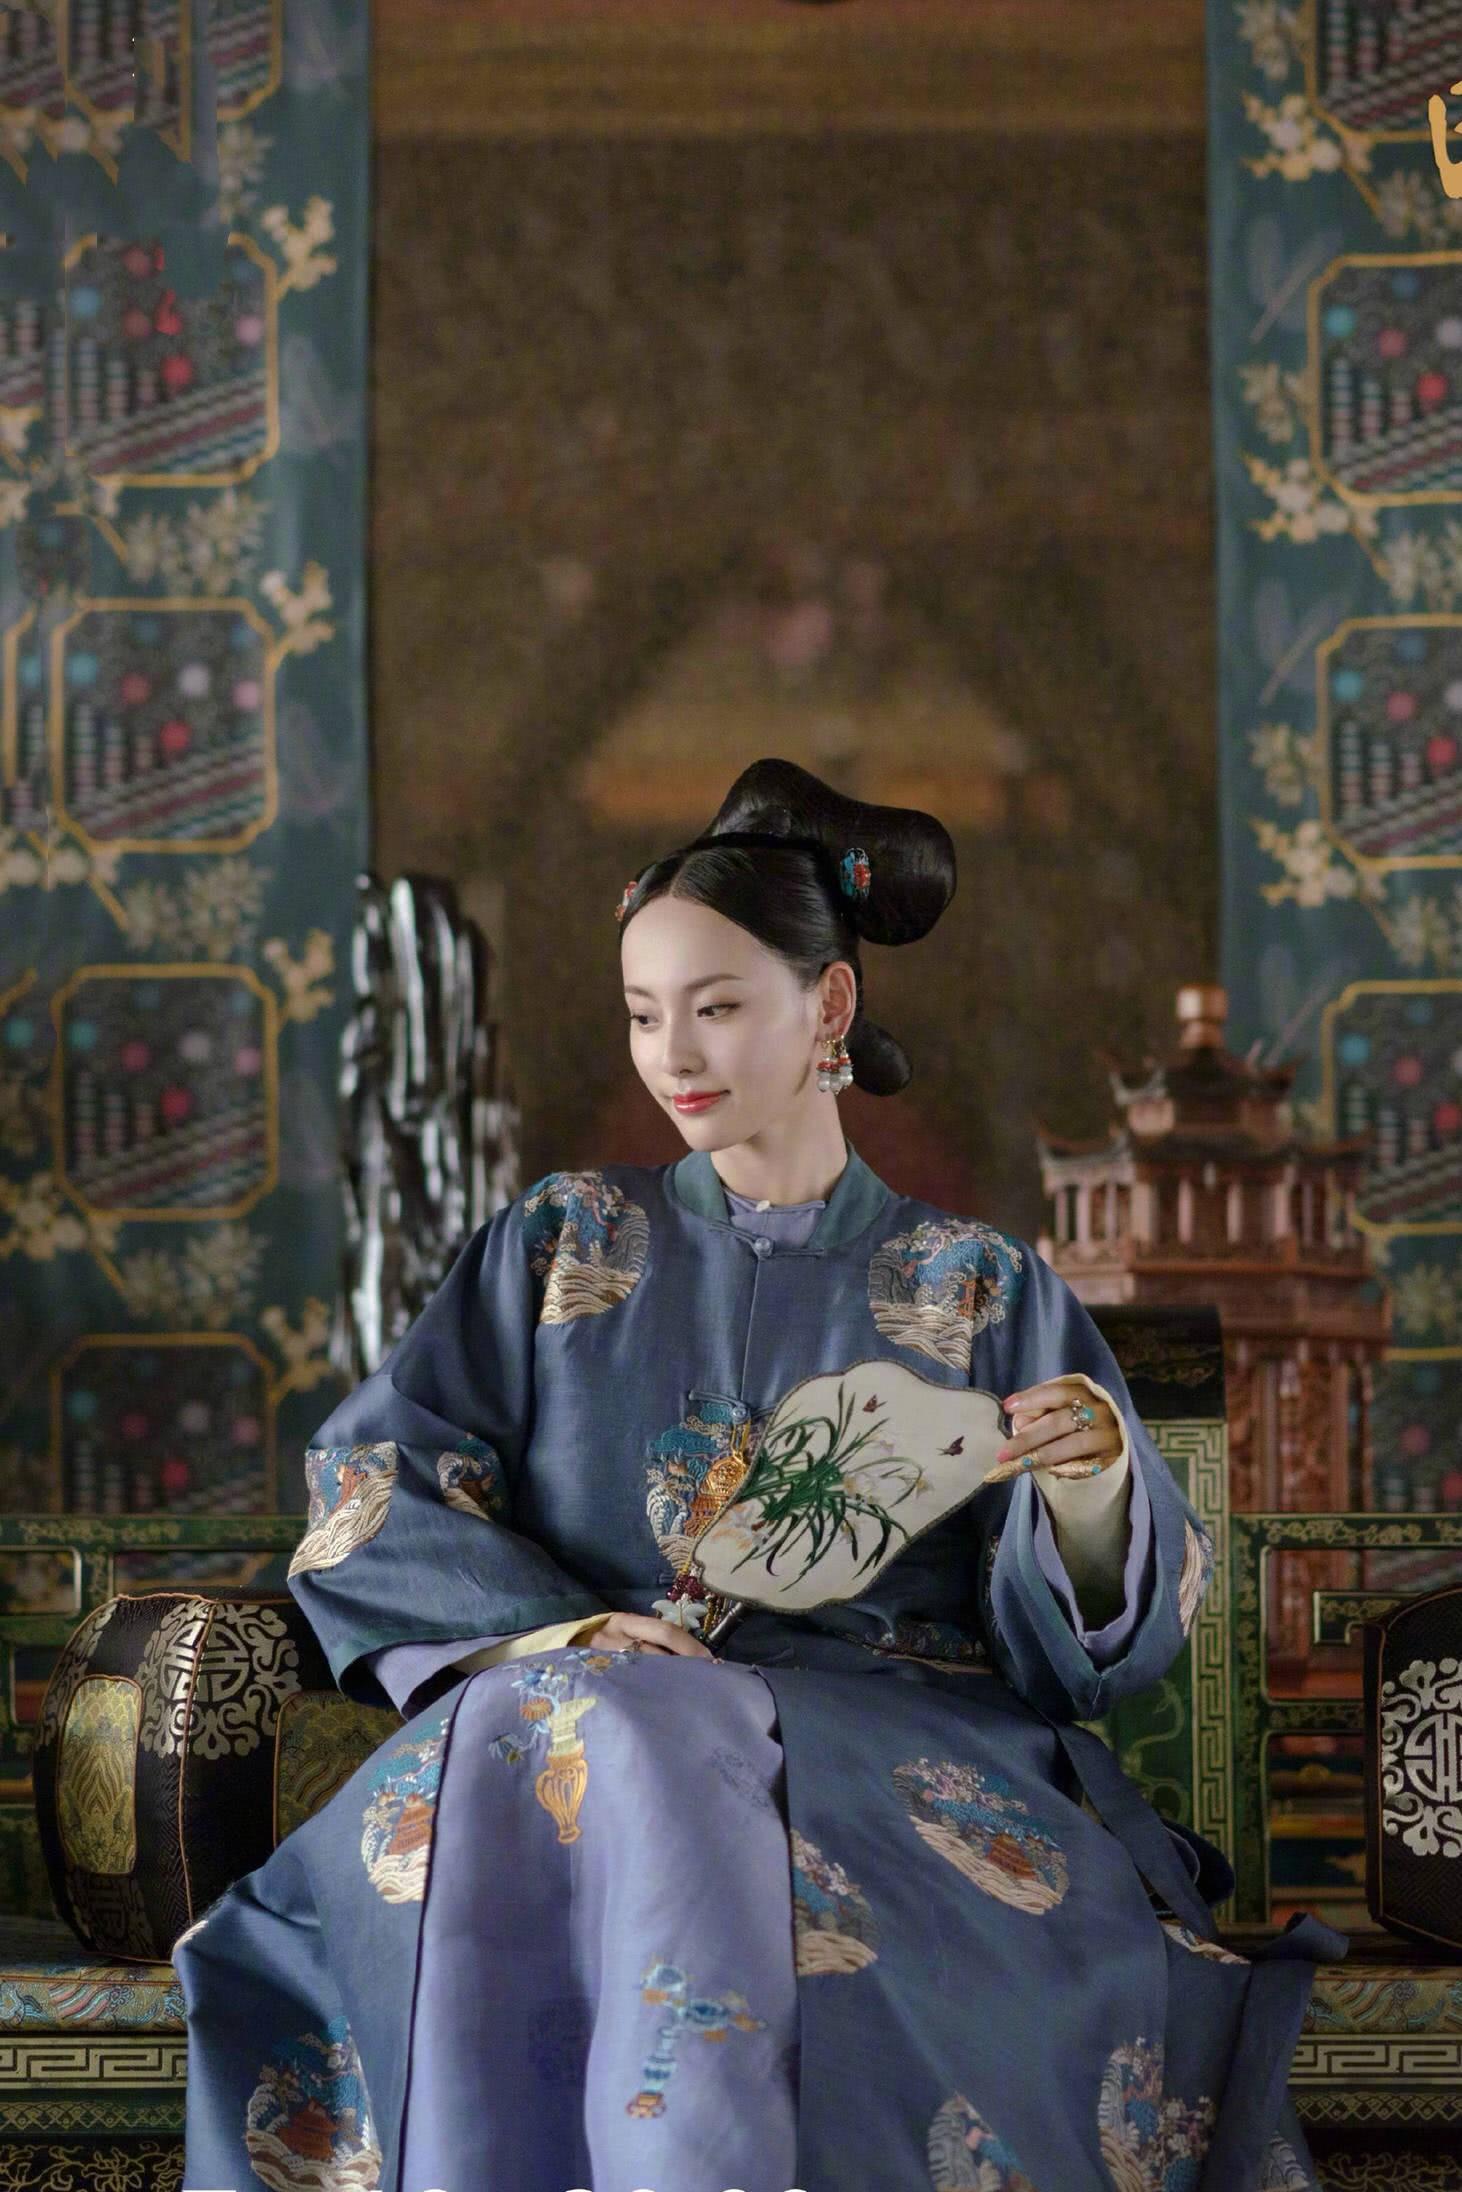 Nhân vật Hương Phi được cho là có thể được xây dựng dựa trên Dung phi Hòa Trác thị, một phi tần có thật của vua Càn Long đến từ miền viễn Tây Trung Quốc.